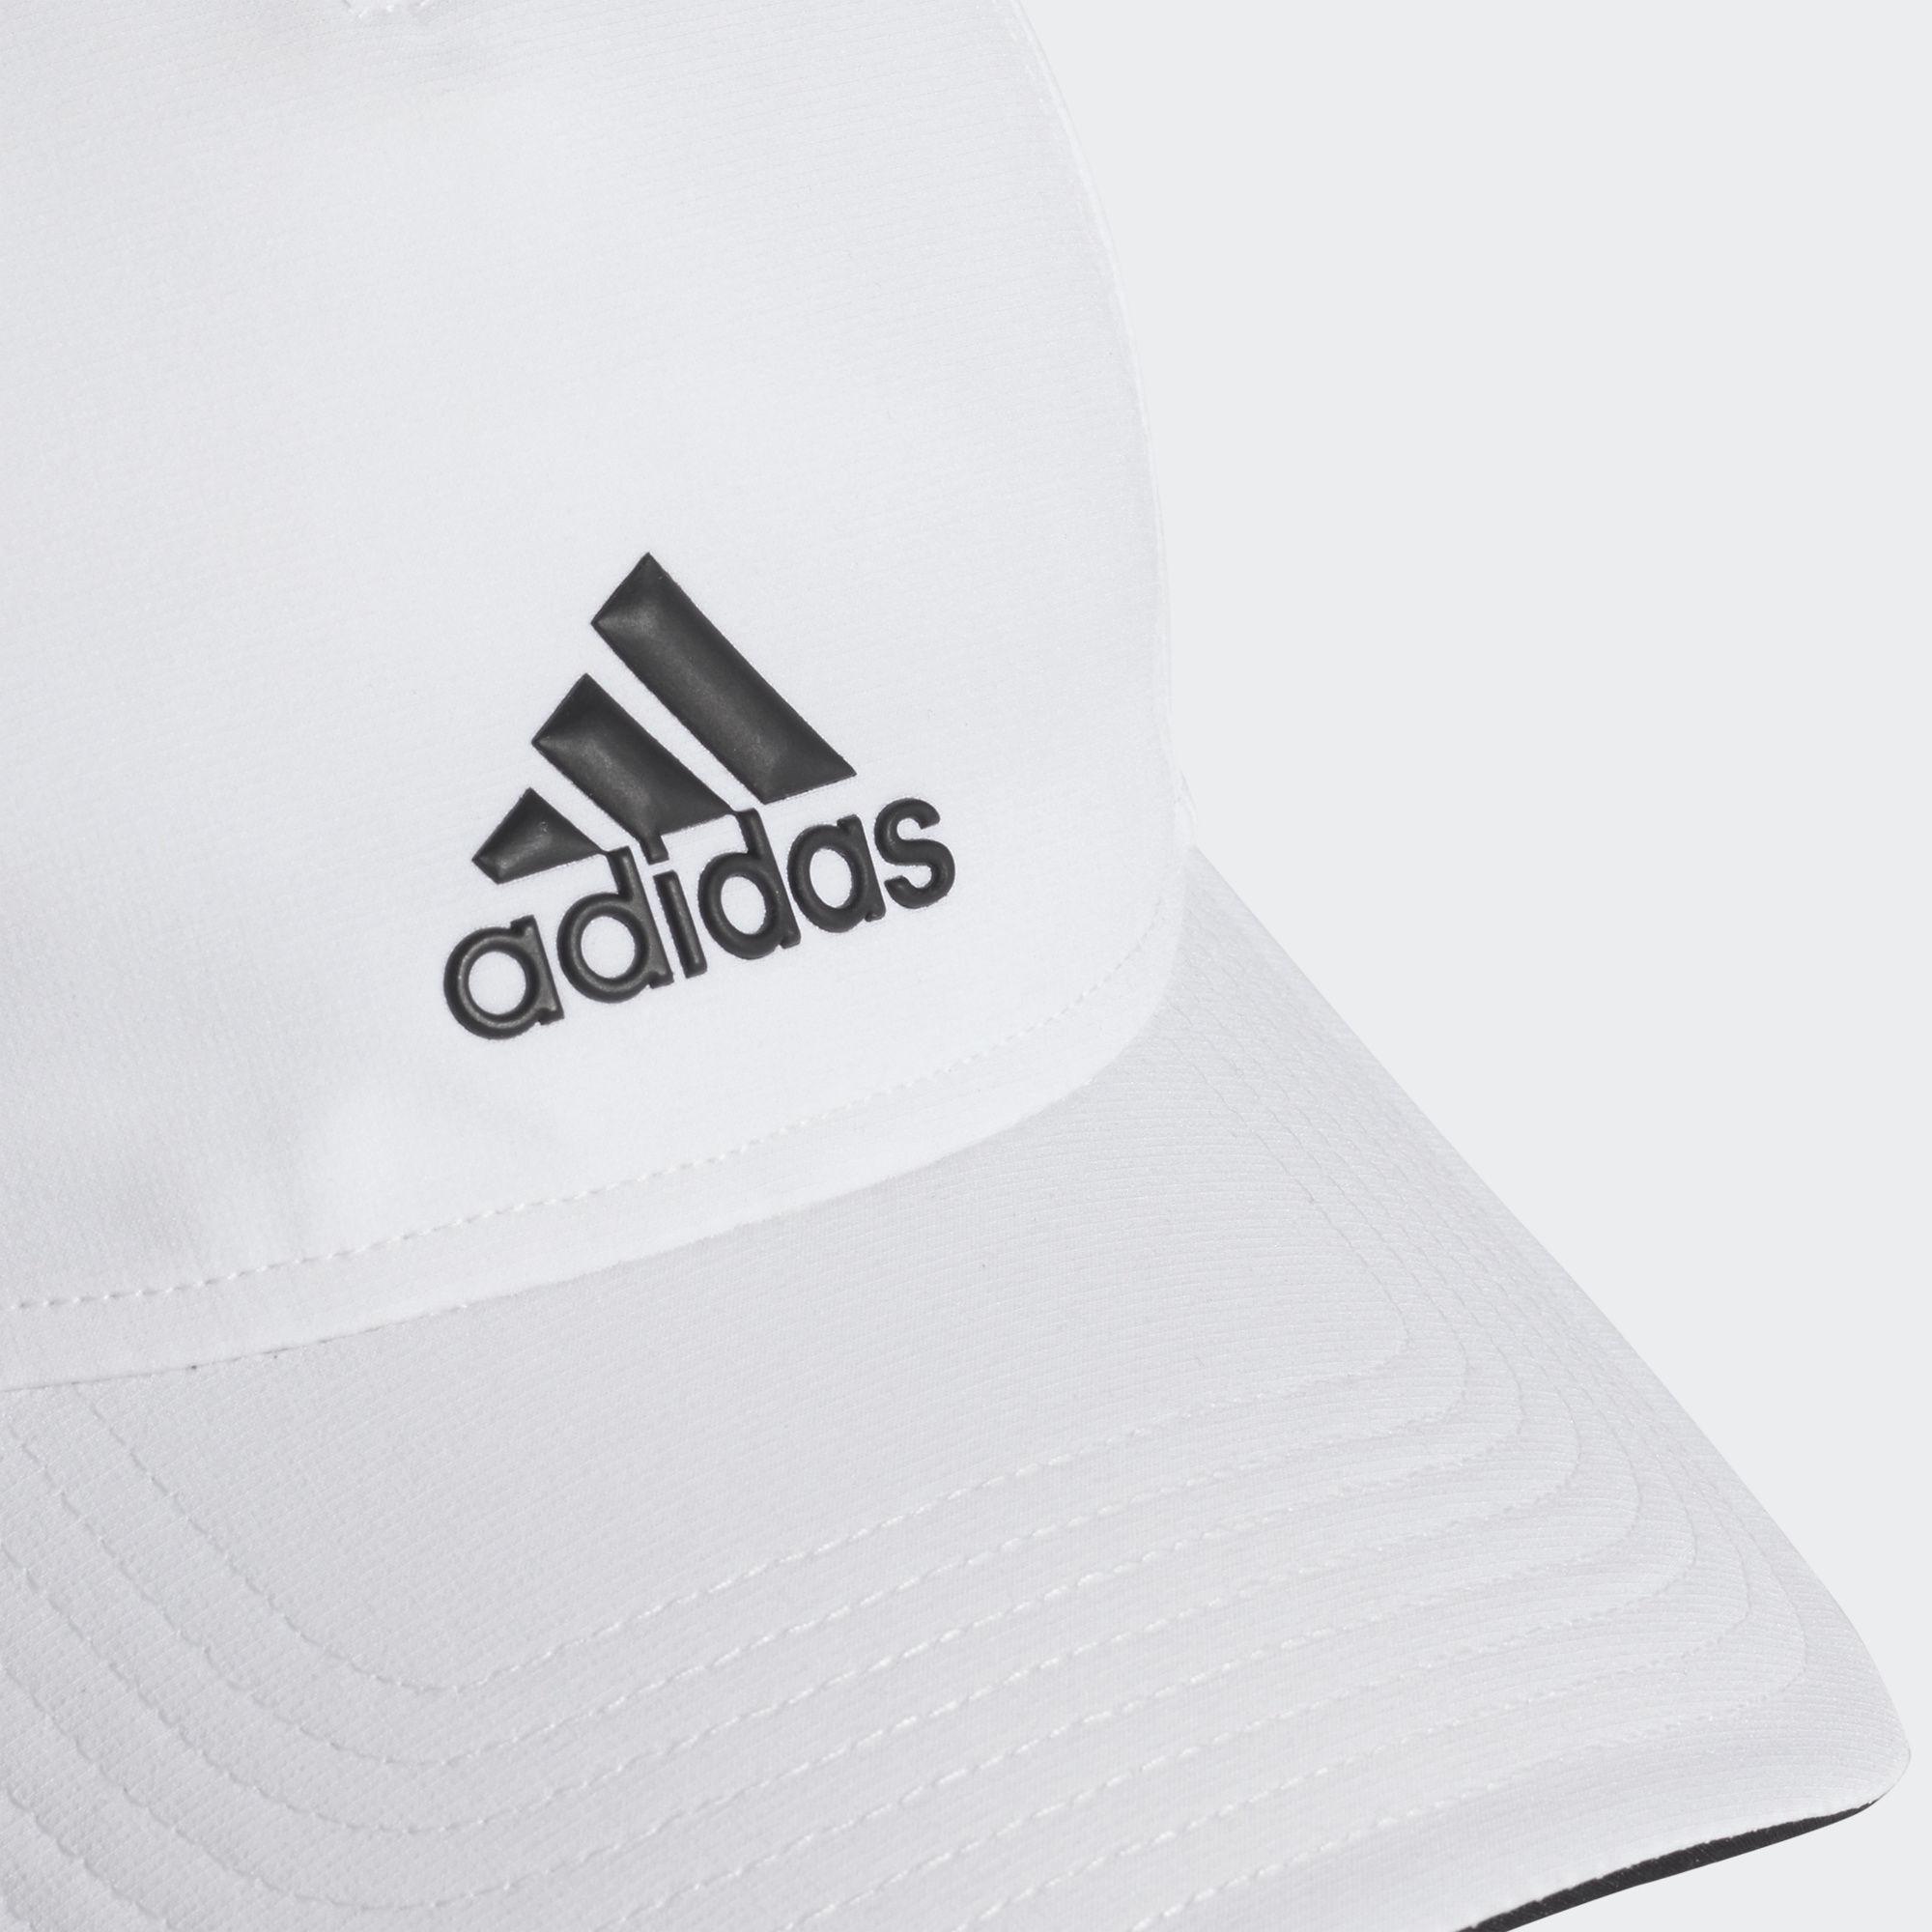 9ae9ad484b6 Adidas Adult 5 Panel Climalite Cap - White - Tennisnuts.com